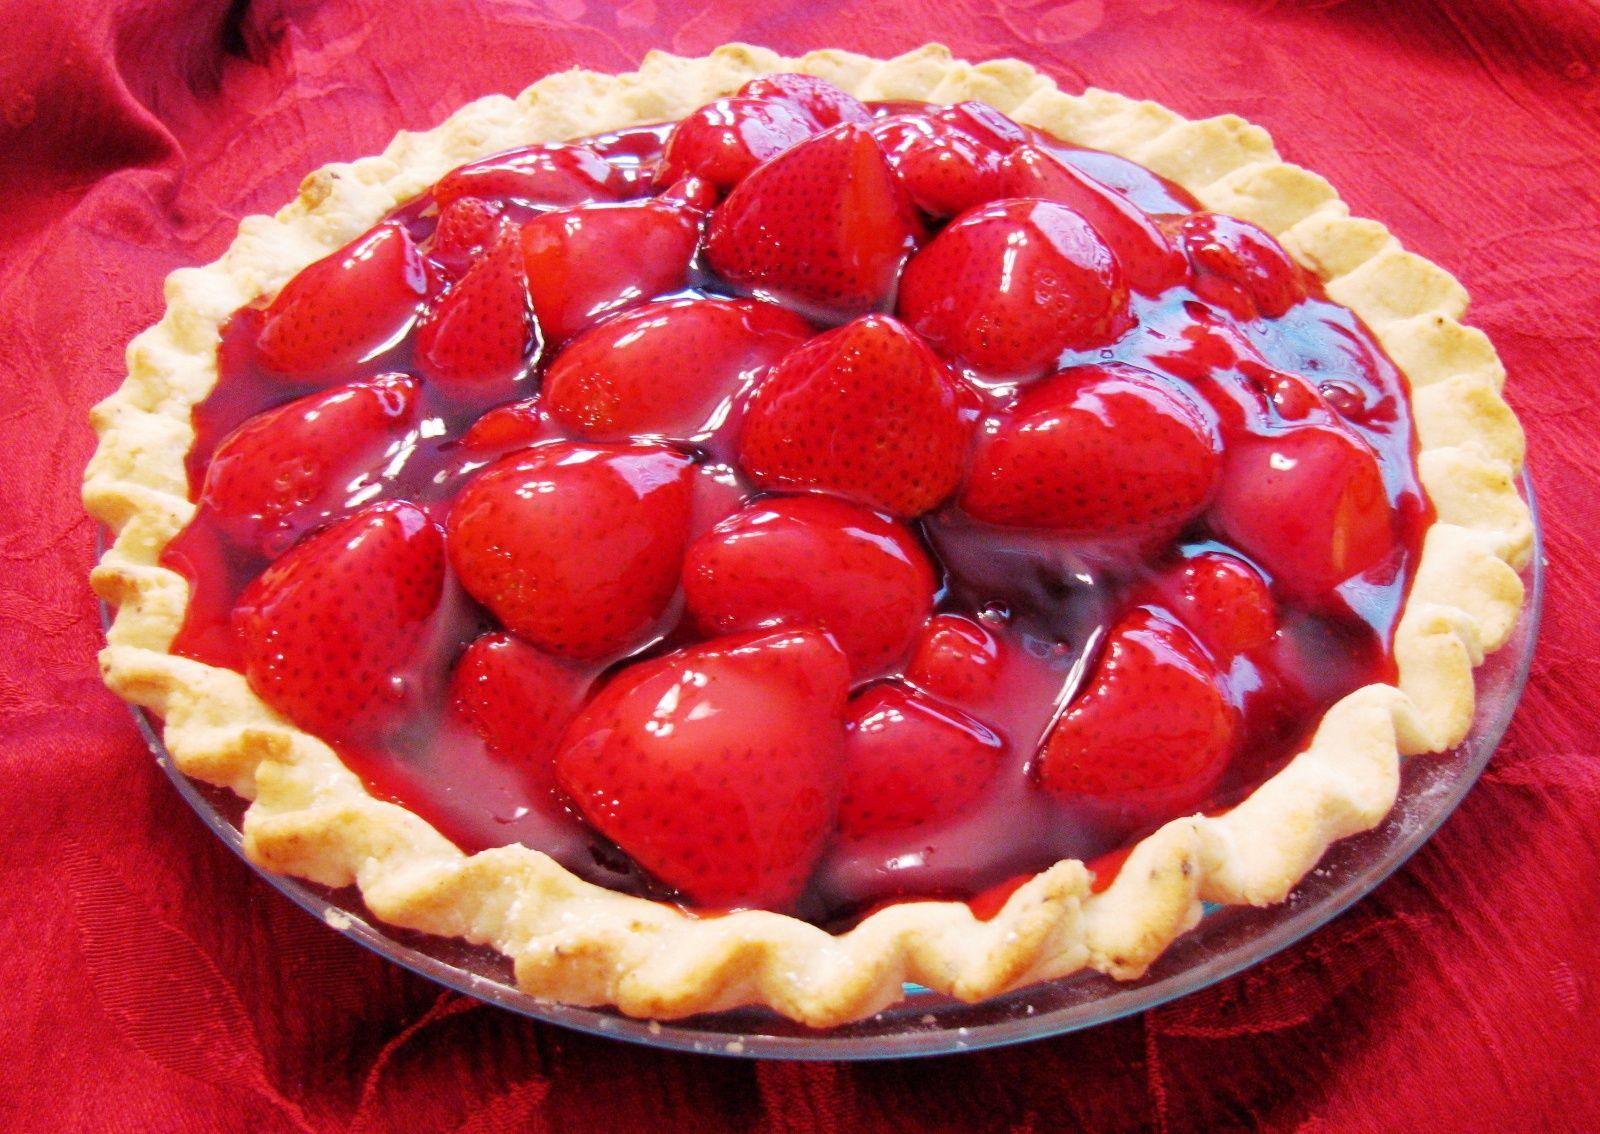 Resep Membuat Kue Pie Keju Strawberry Yang Enak Dan Menggoda Http Www Sambarafood Com 2015 10 Fresh Strawberry Pie Strawberry Pie Best Strawberry Pie Recipe